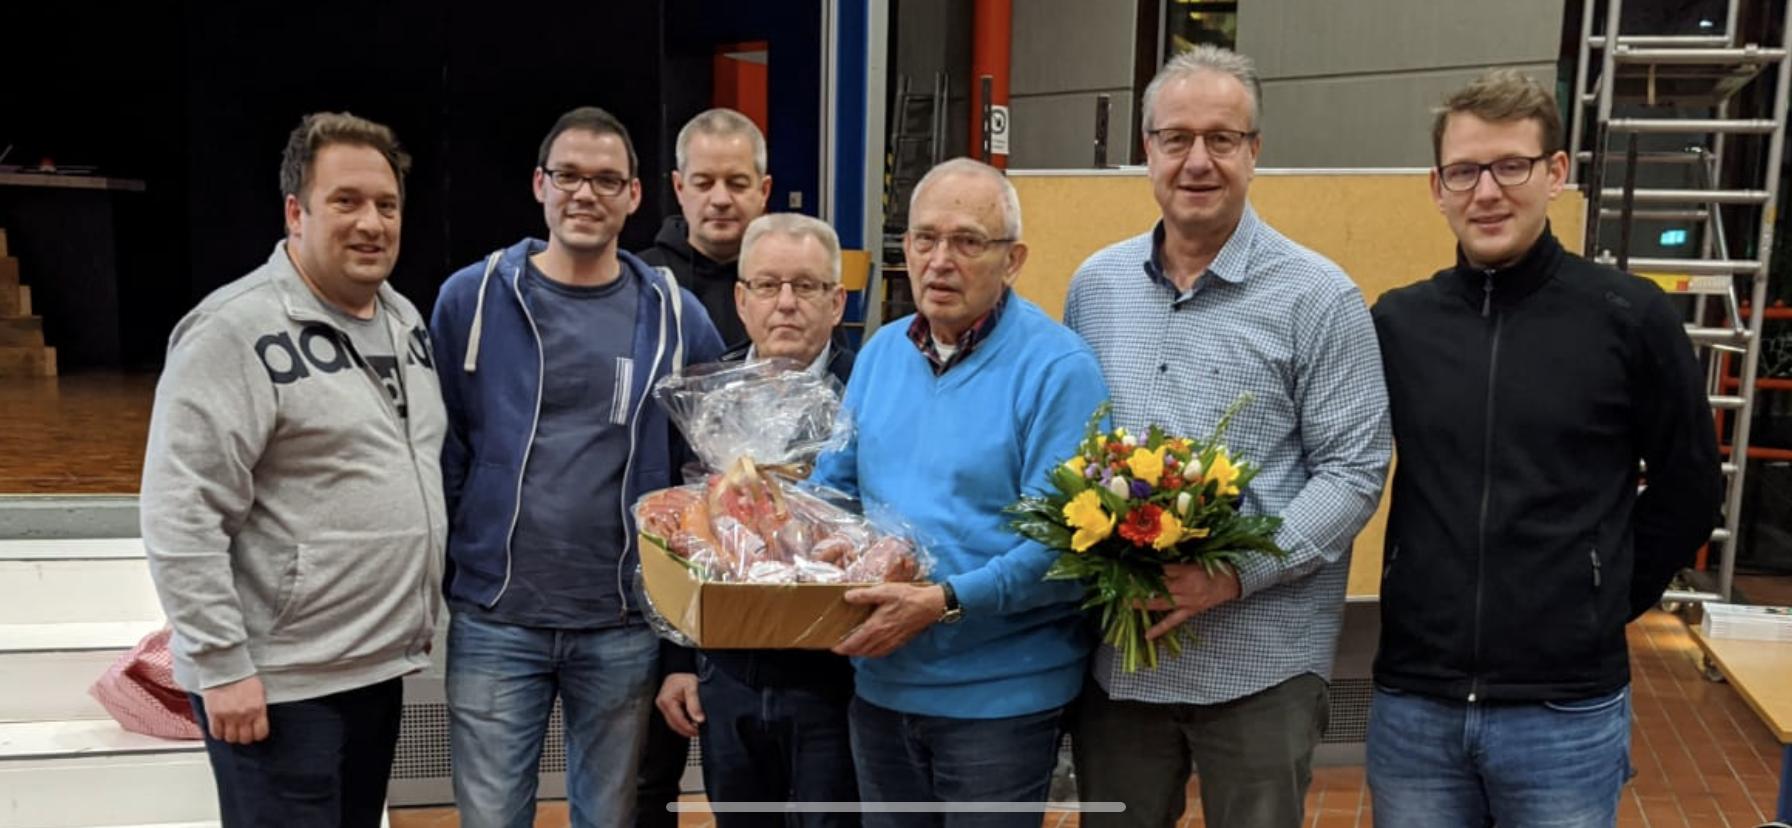 Schiedsrichter feiern 80. Geburtstag von Rolf Kühl